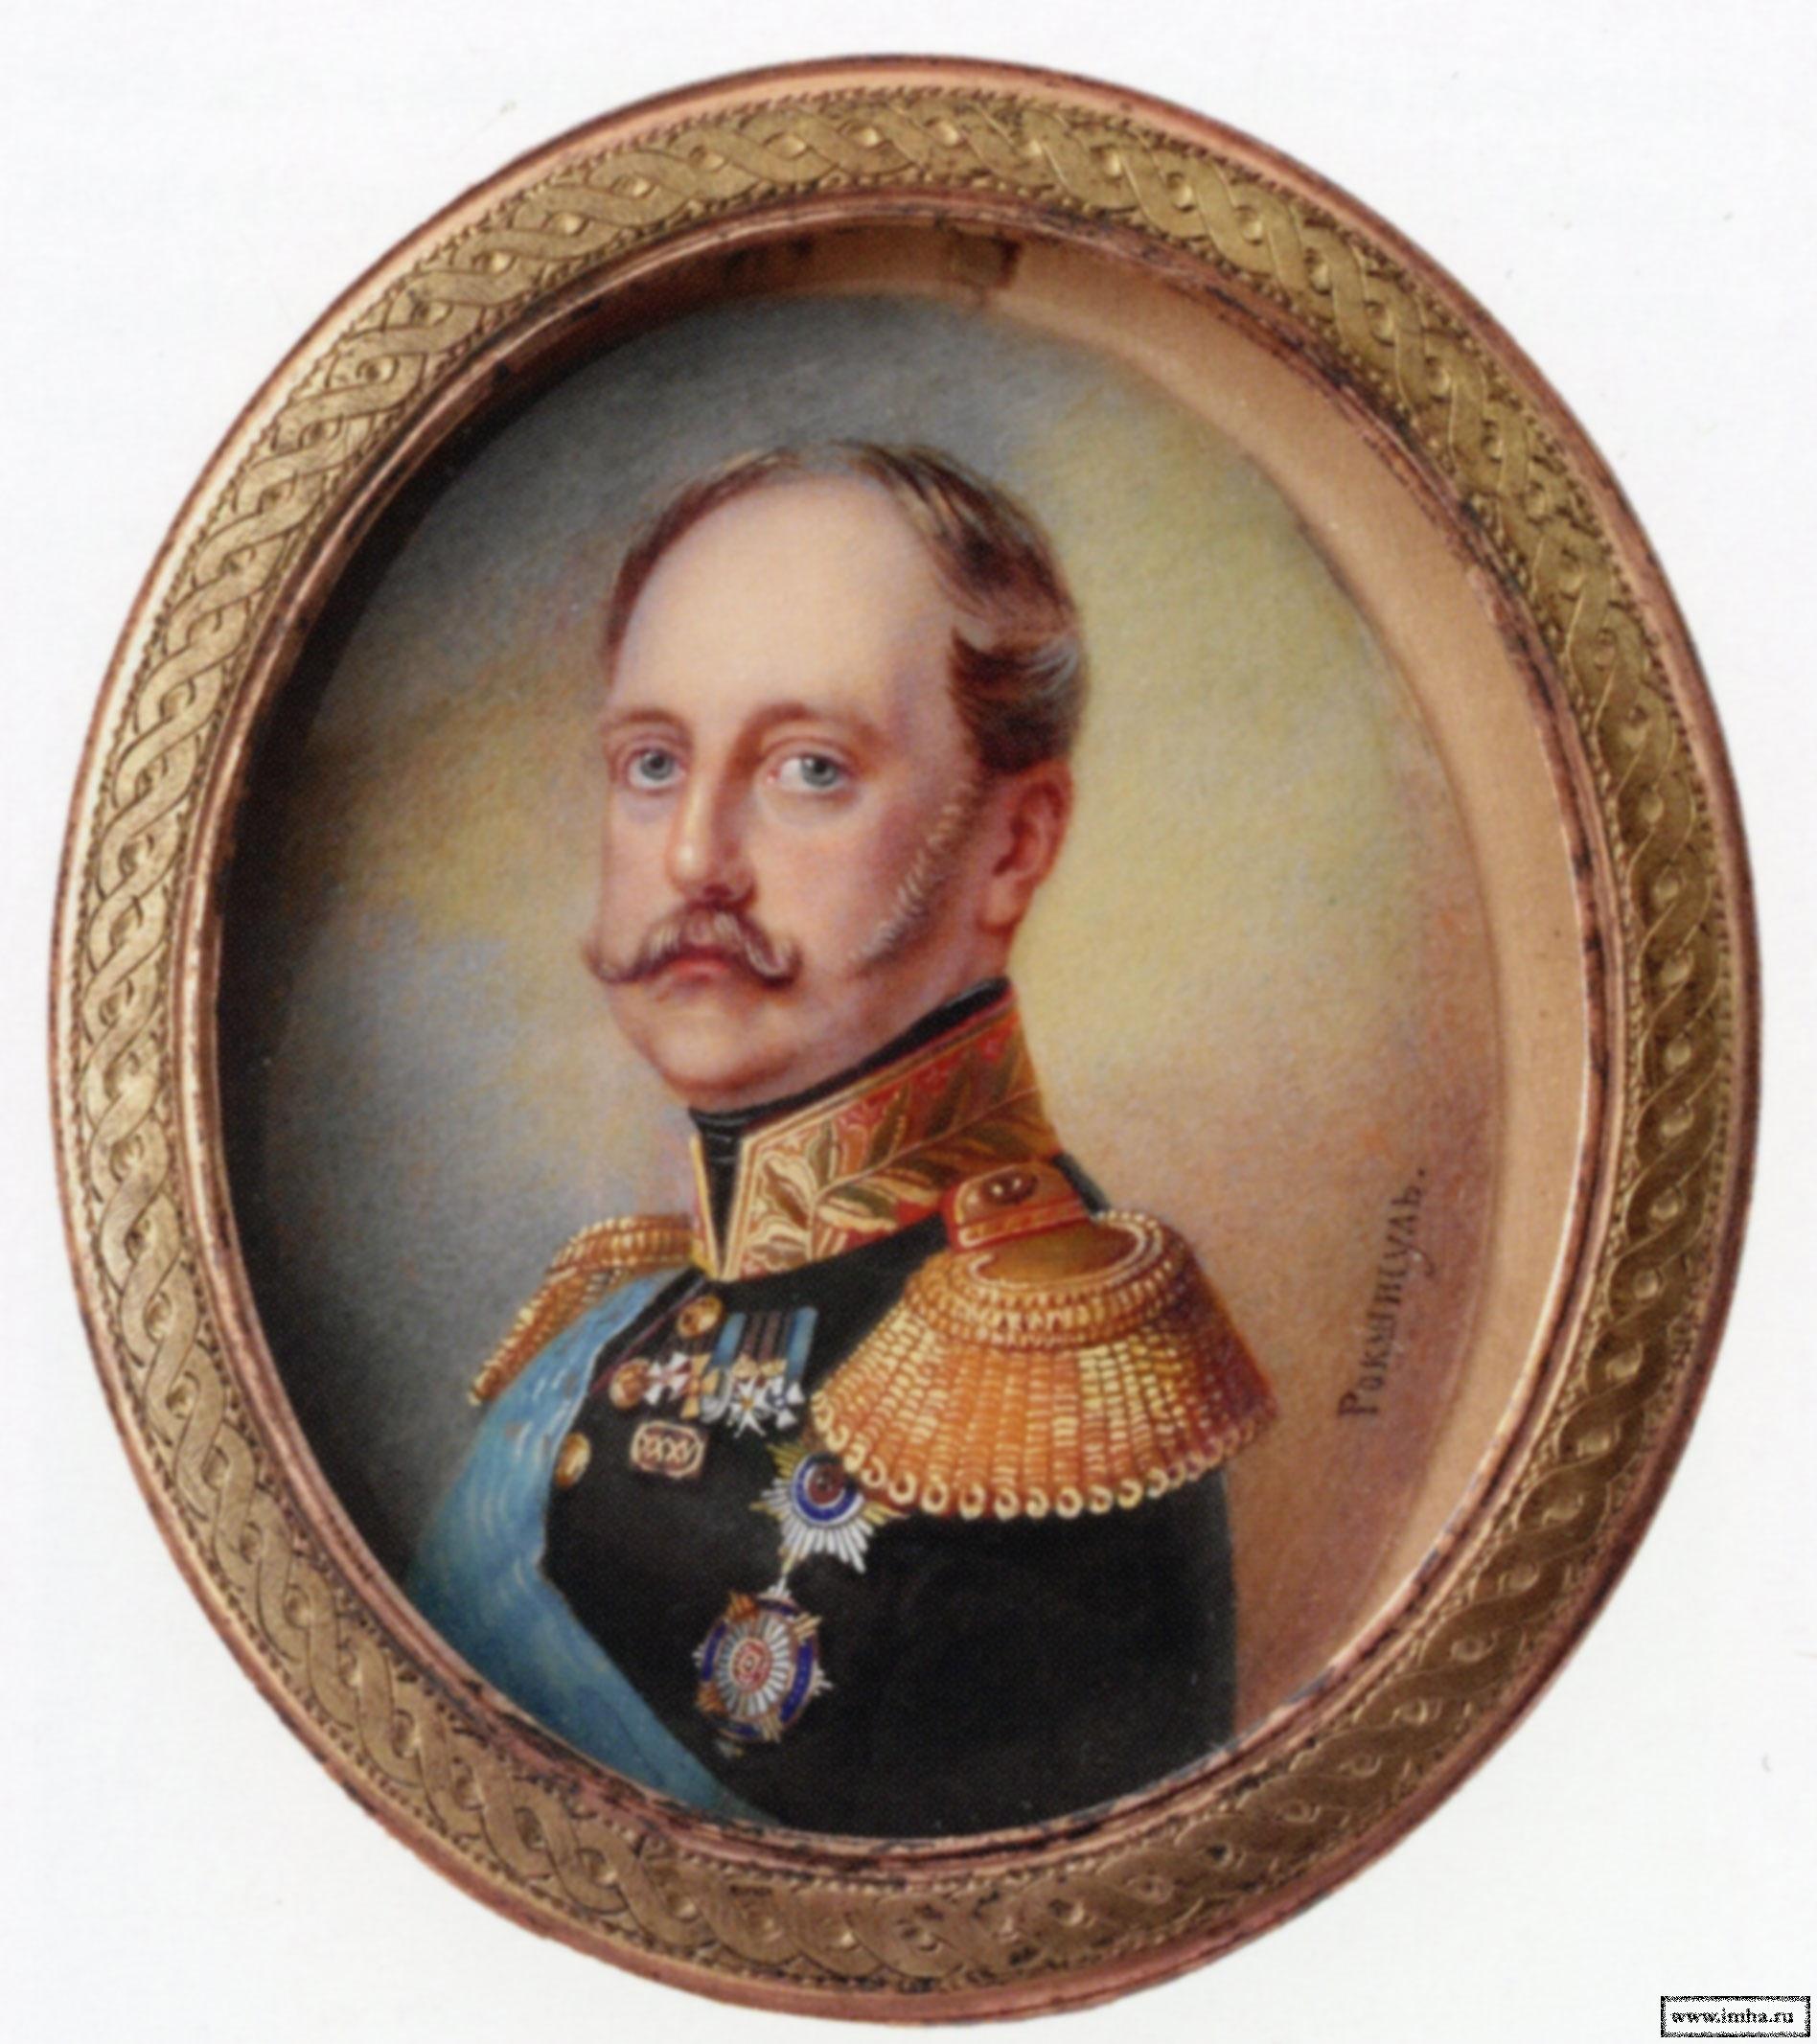 Портрет Императора Николая I. Миниатюра. 1840-1850-е гг.